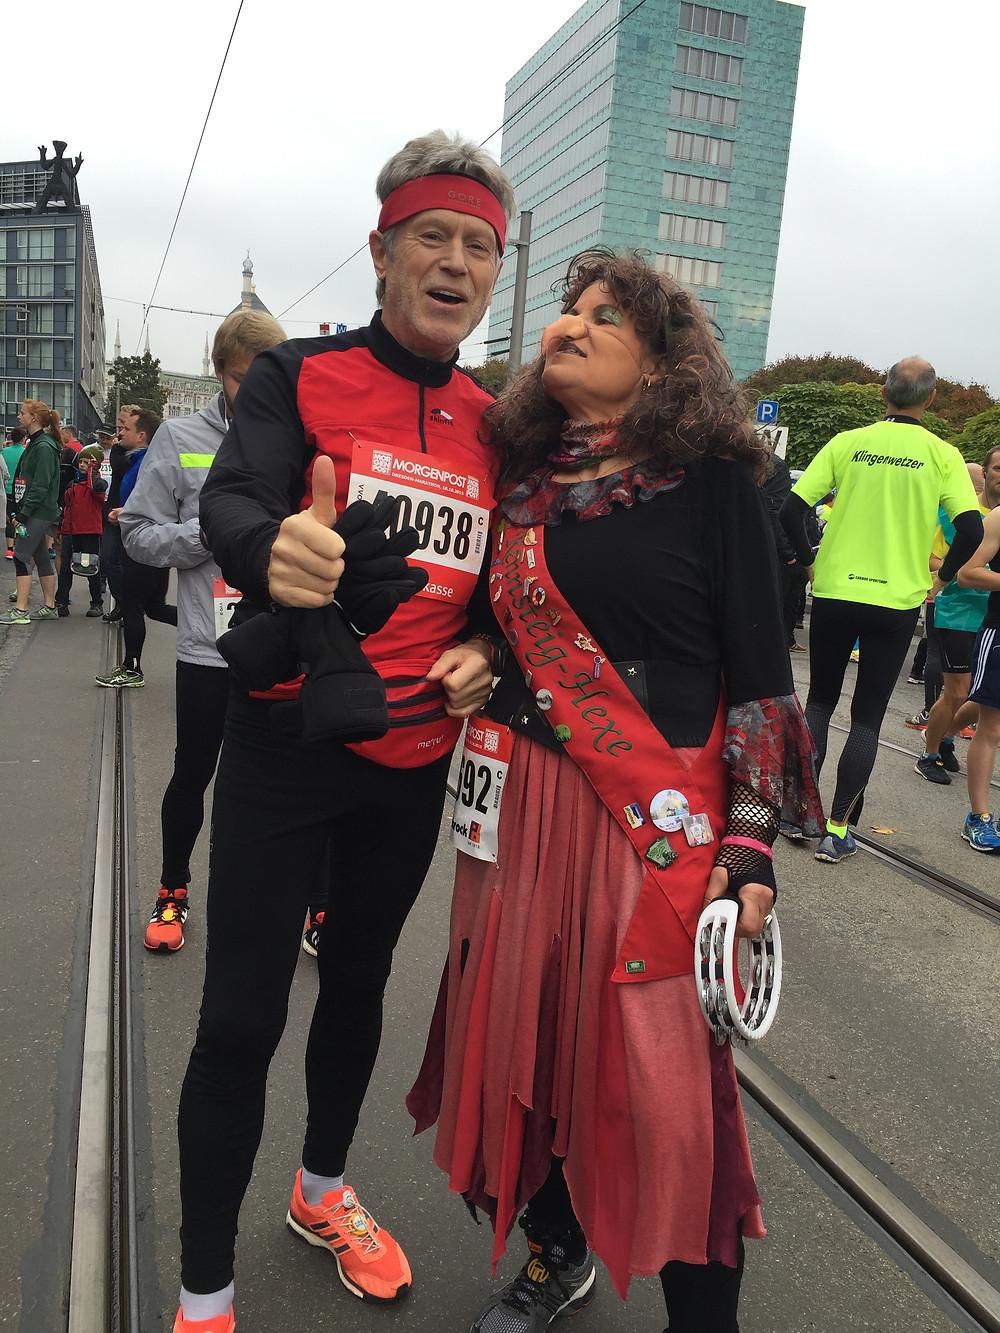 Laufinstinkt+ Marathon, gesundheitsorientiert gelaufen B